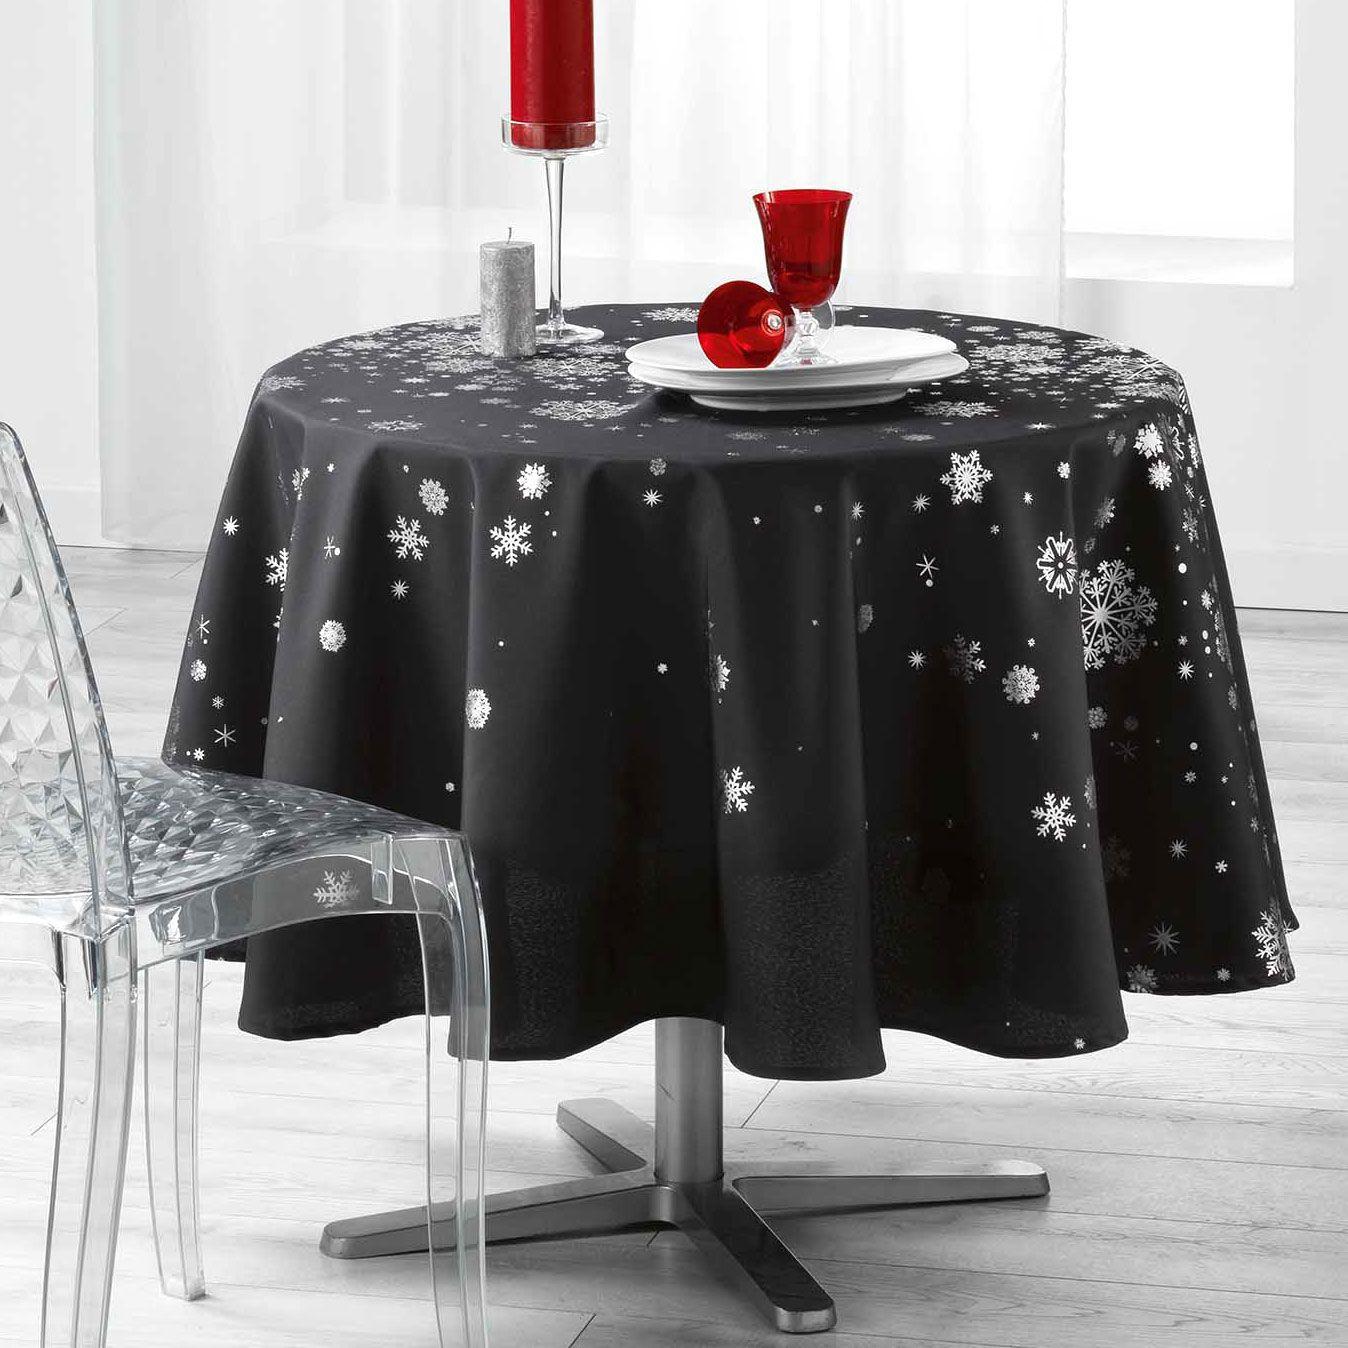 nappe ronde 180 cm constellation gris anthracite linge de table eminza. Black Bedroom Furniture Sets. Home Design Ideas